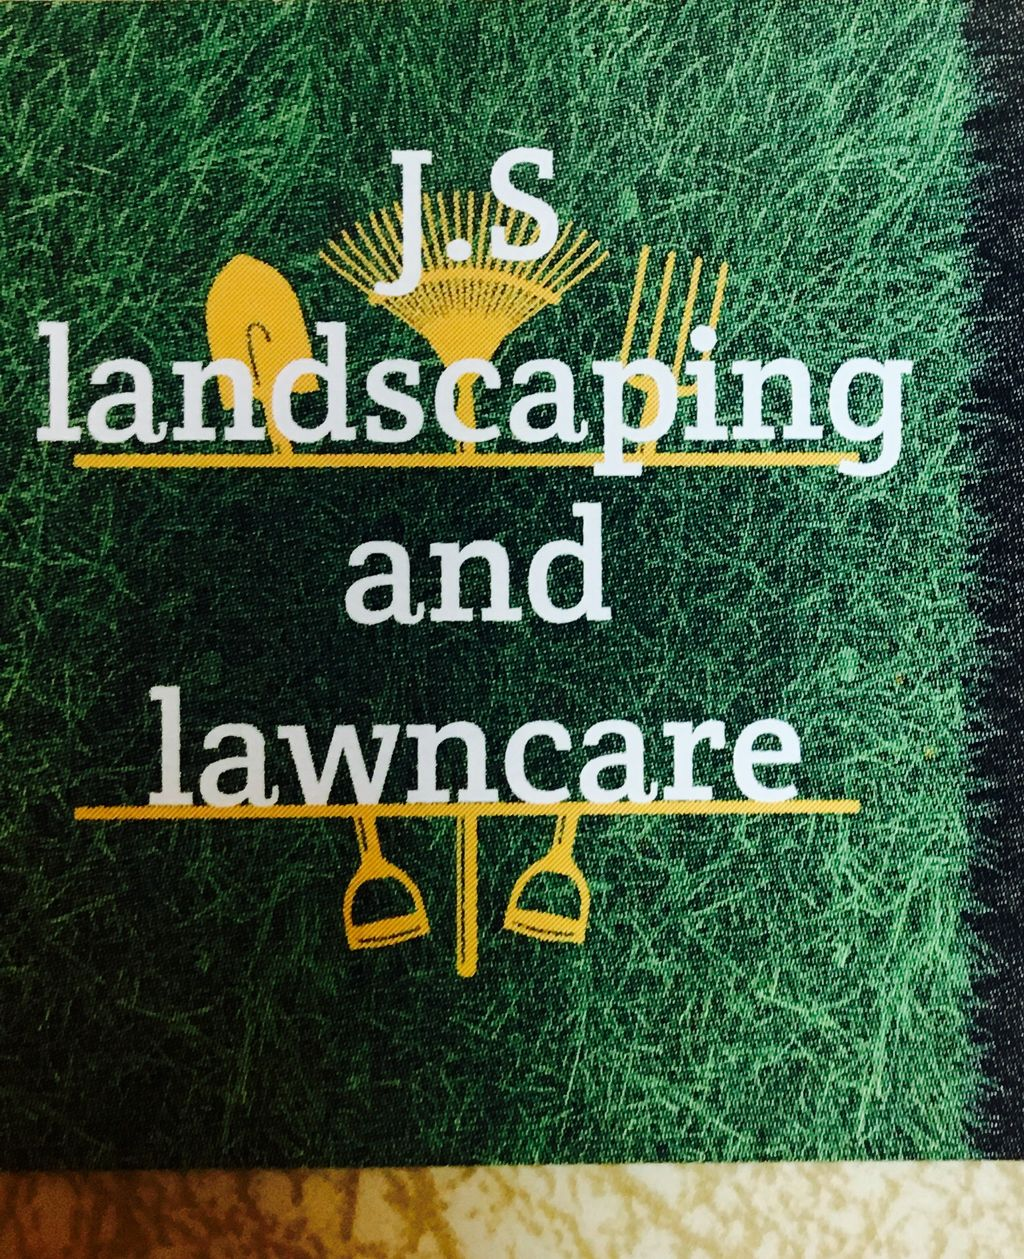 Js landscaping and sprinkler repair  .LLC